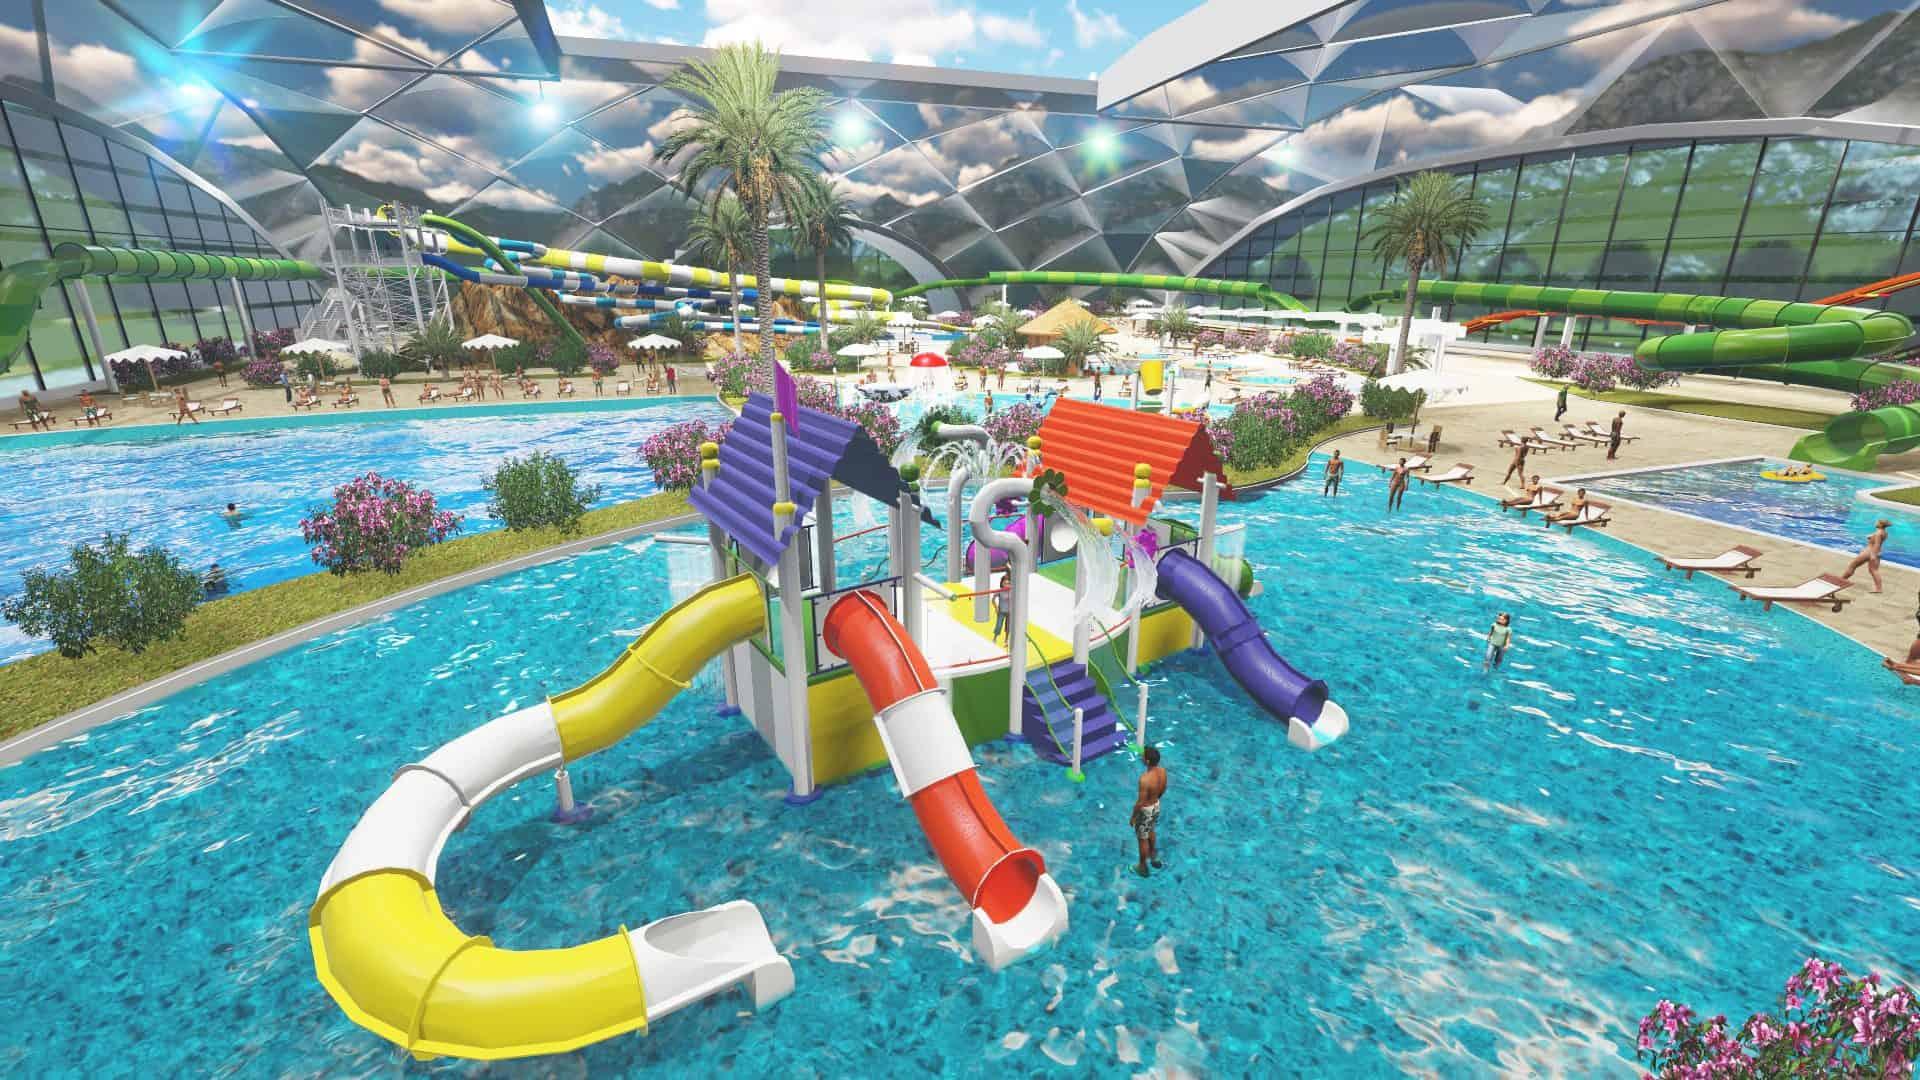 Conheça o novo parque aquático com águas termais emGramado